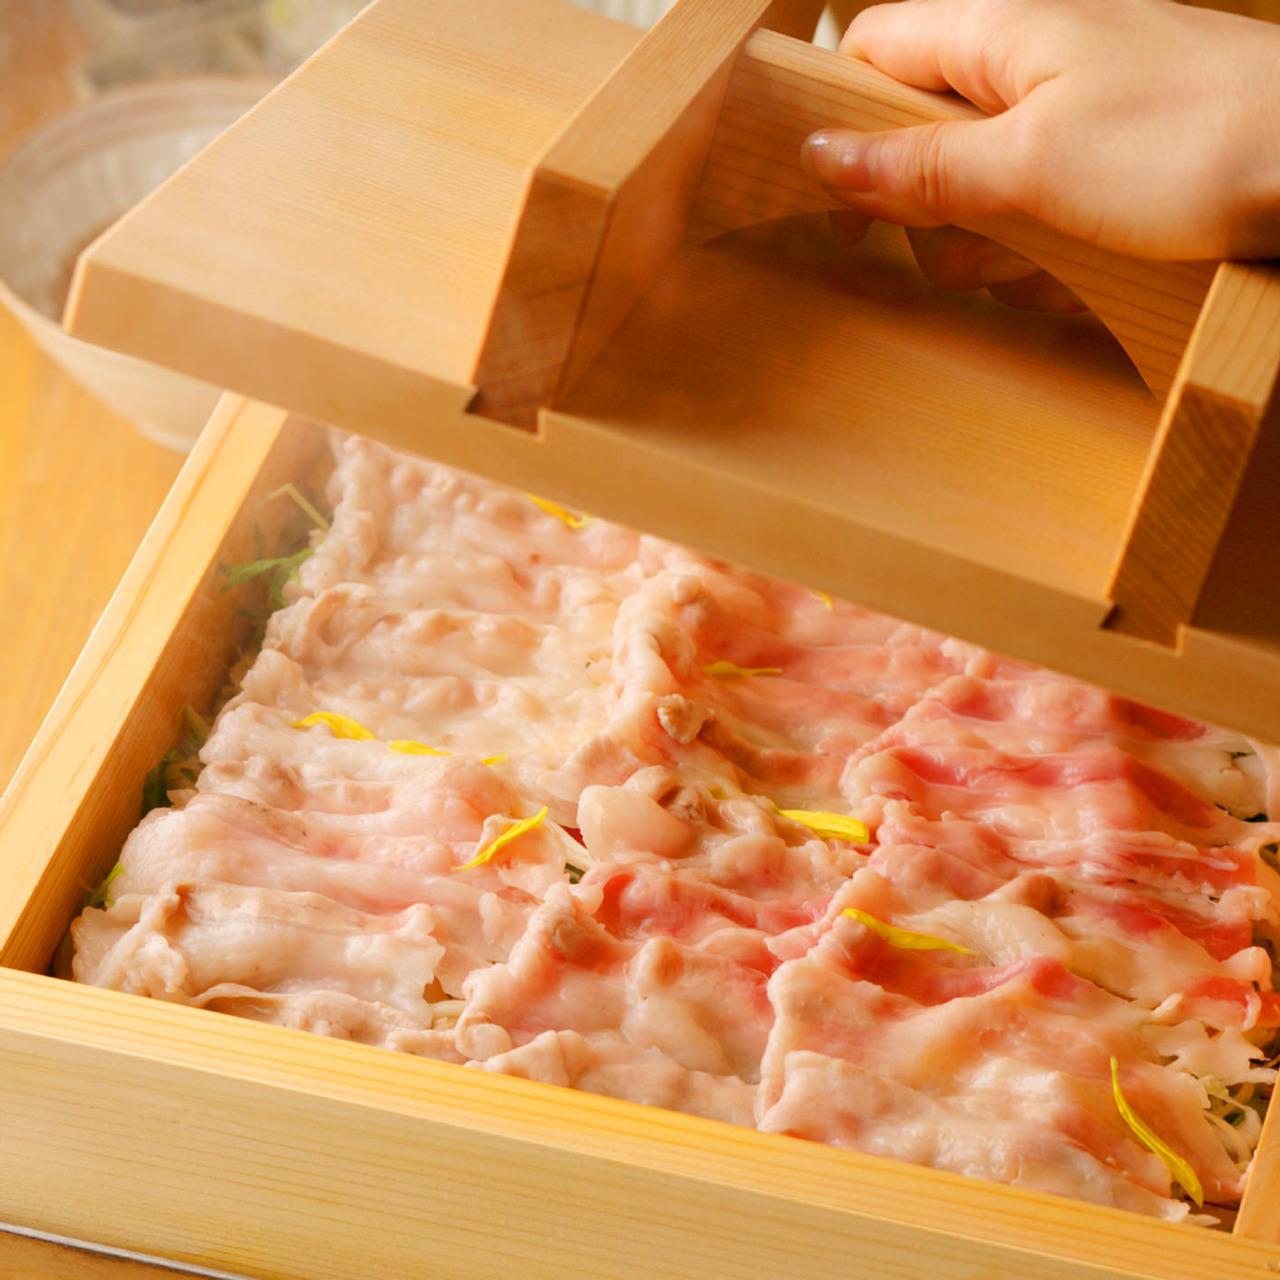 [お料理のみ] 豪華絢爛 懐石コース【お料理のみ】5000円→4000円 8品